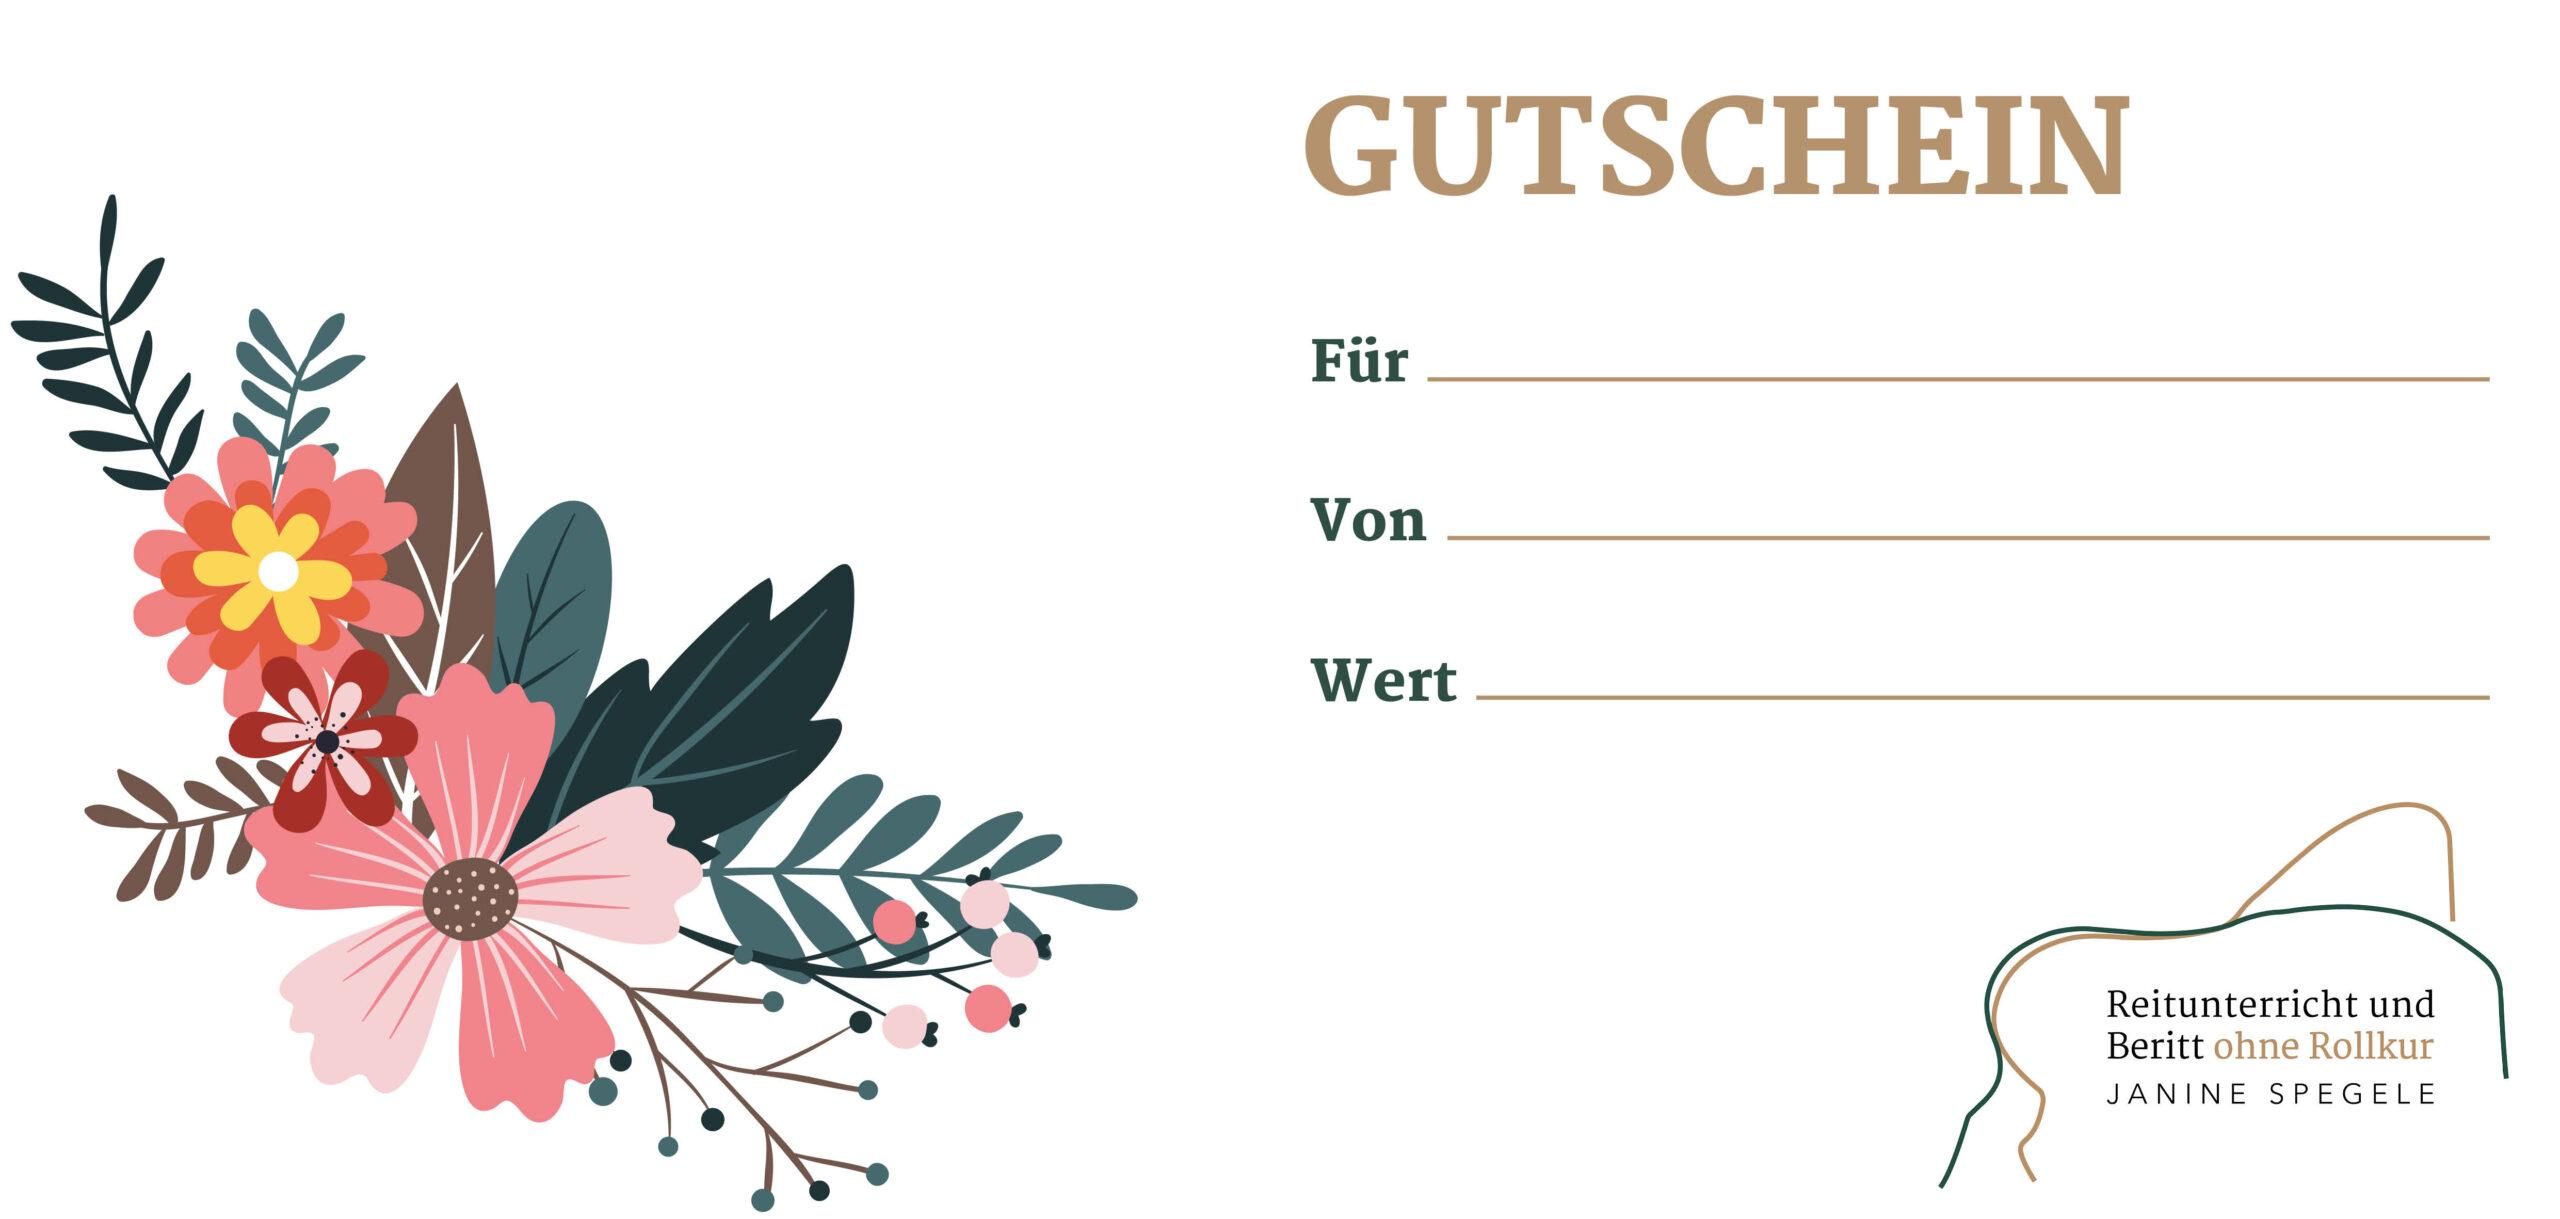 Gutschein_Danke